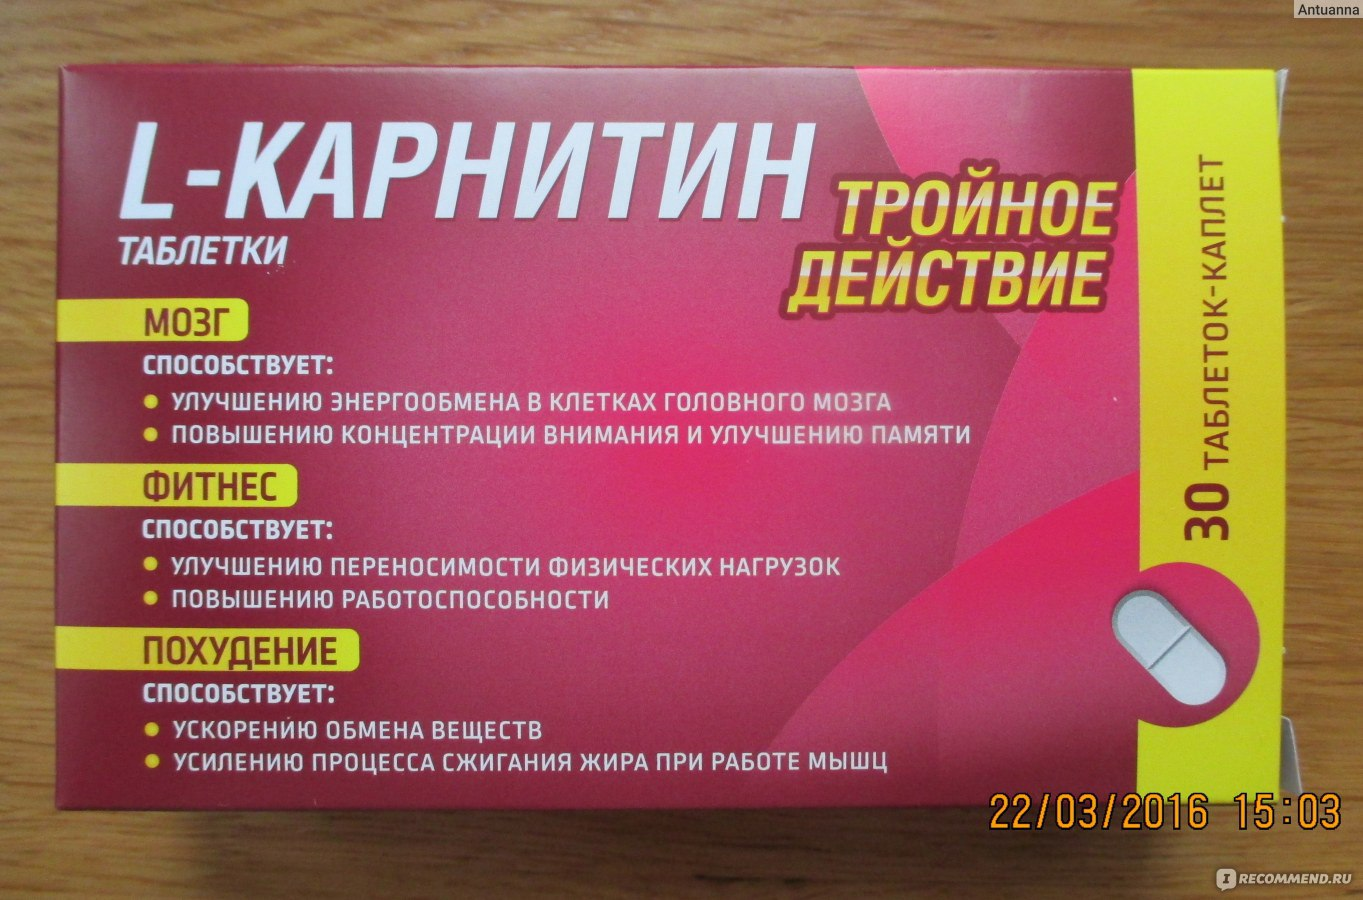 L-carnitine для похудения - отзывы худеющих и противопоказания к приему